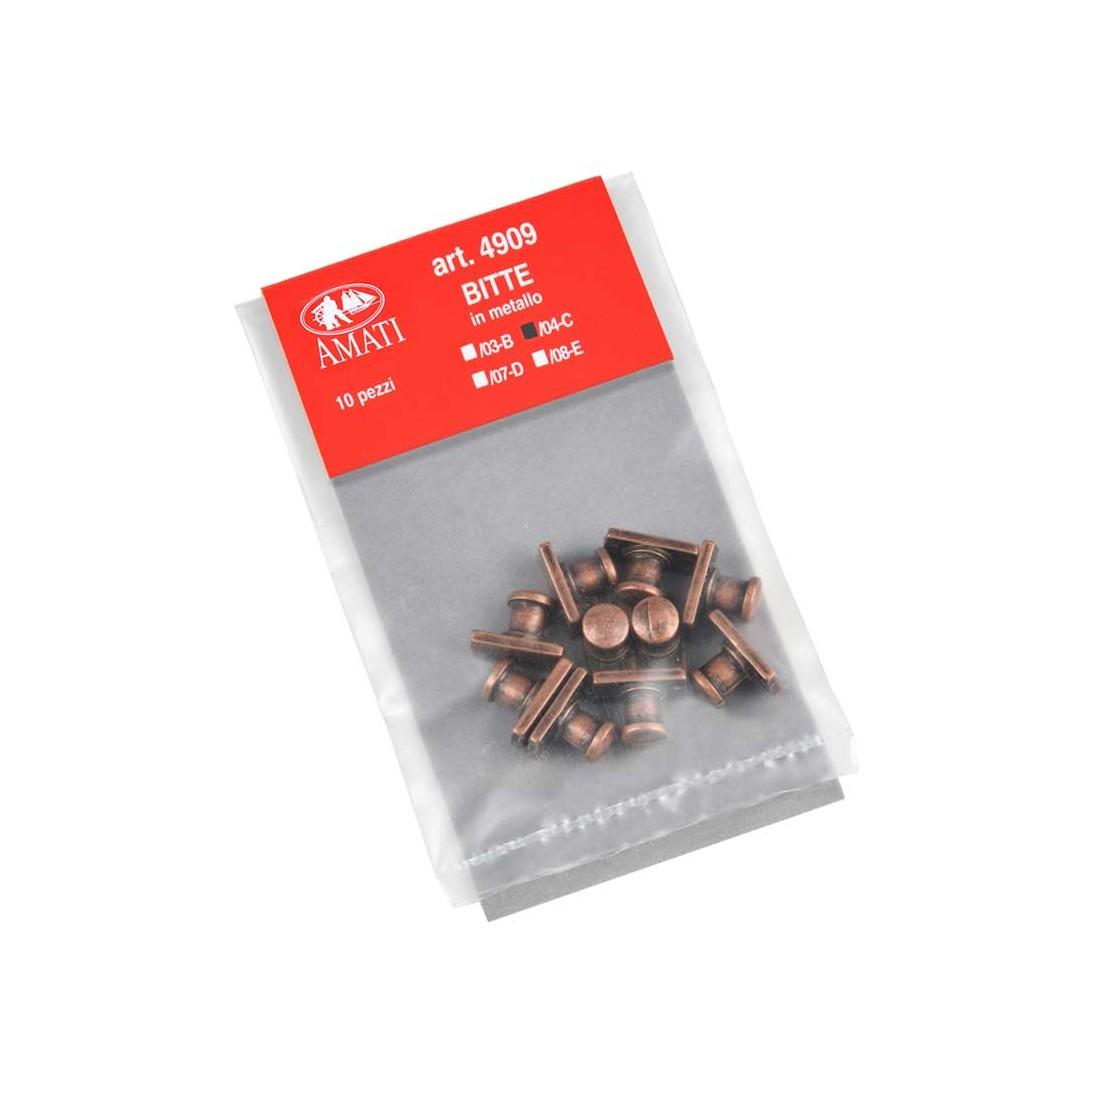 Bittes en métal mm.8 embasées